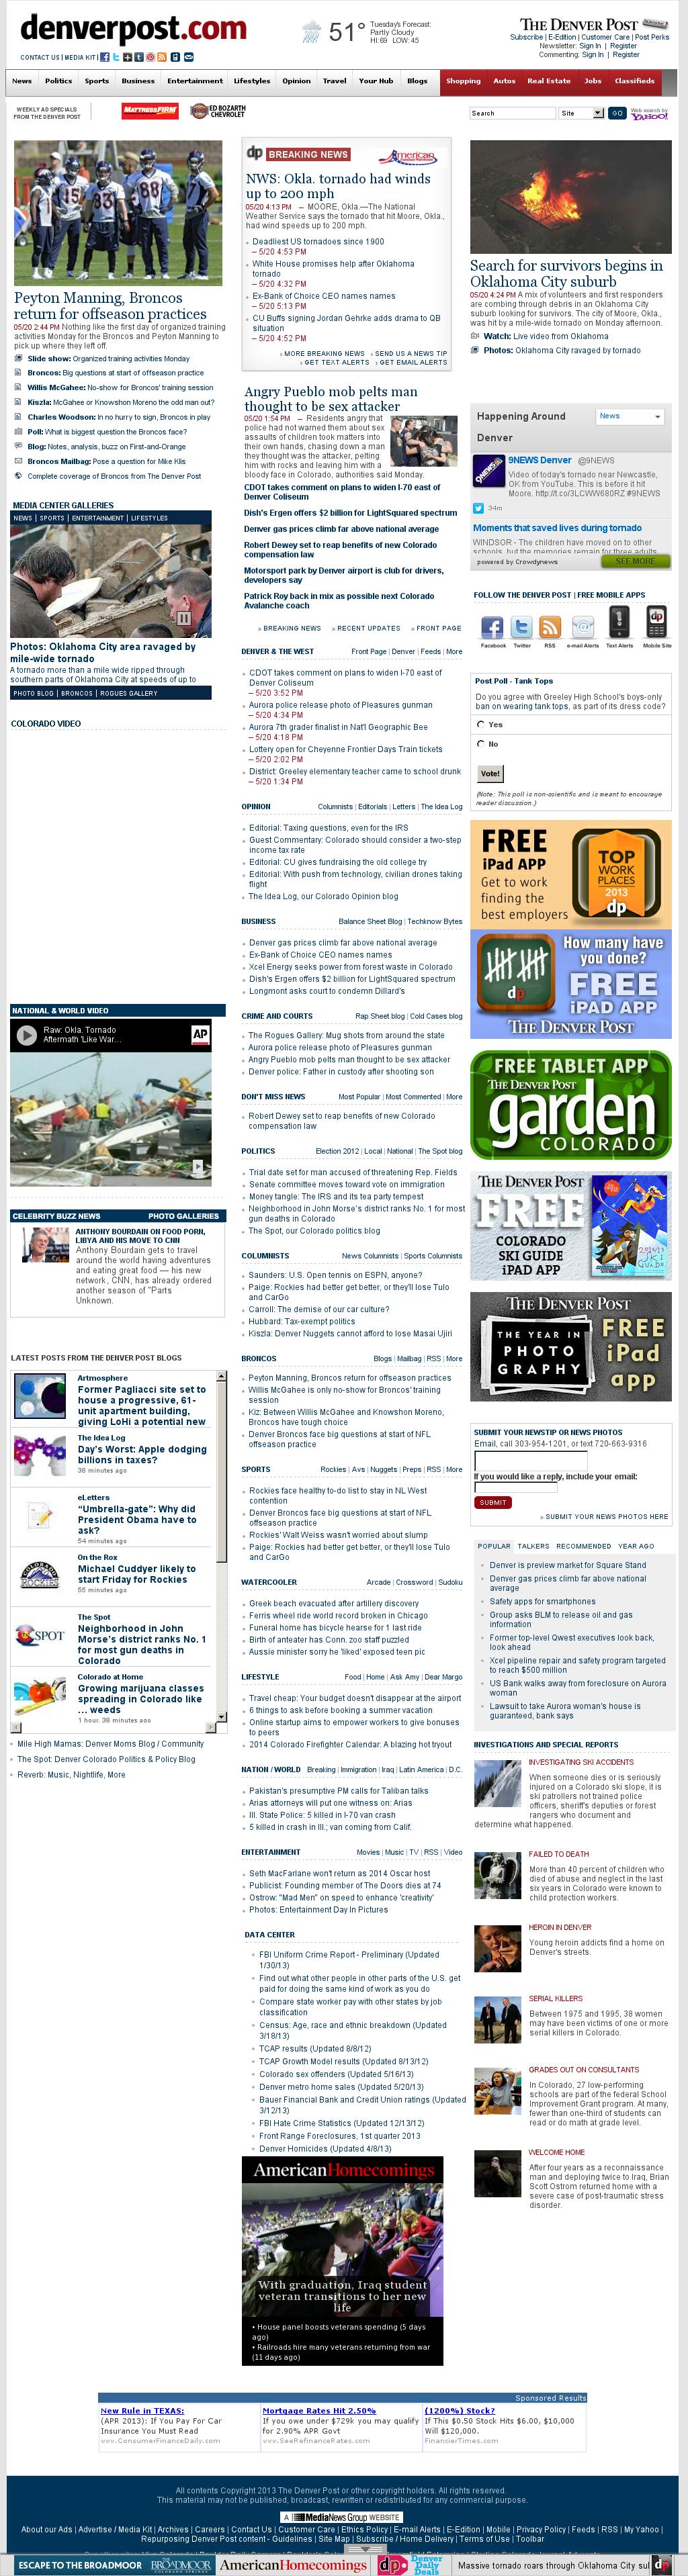 Denver Post at Tuesday May 21, 2013, 12:05 a.m. UTC